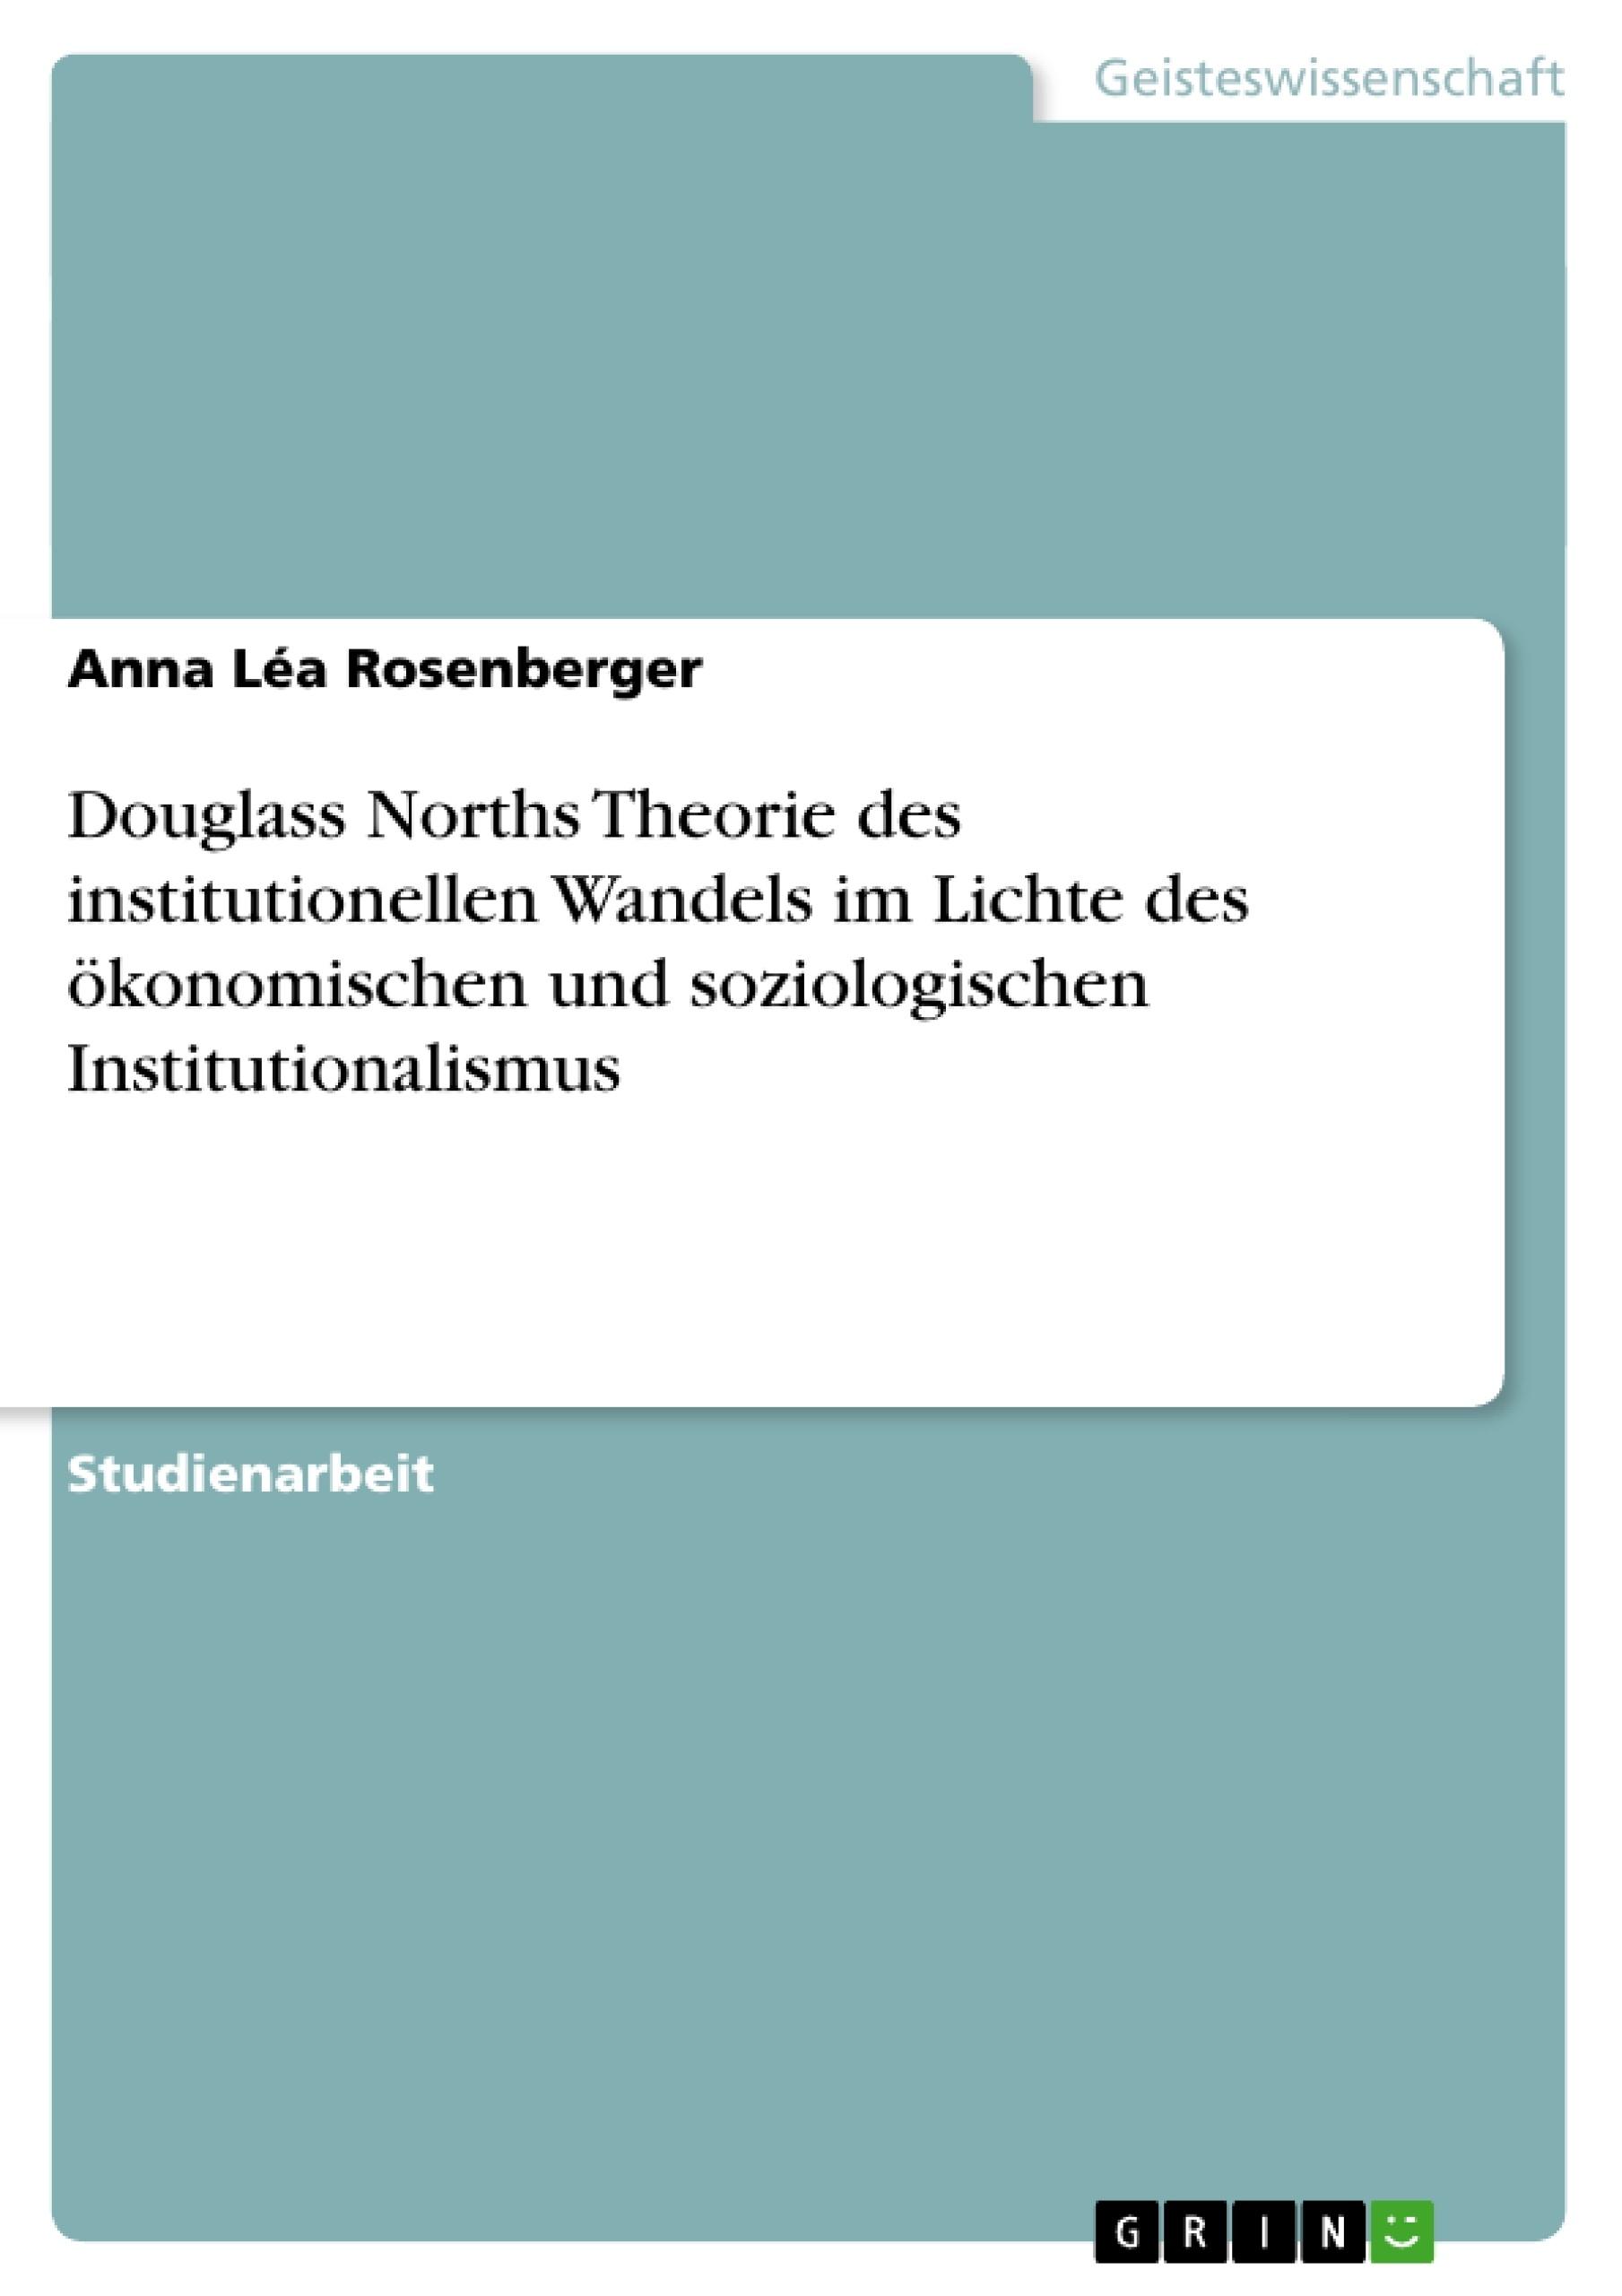 Titel: Douglass Norths Theorie des institutionellen Wandels im Lichte des ökonomischen und soziologischen Institutionalismus